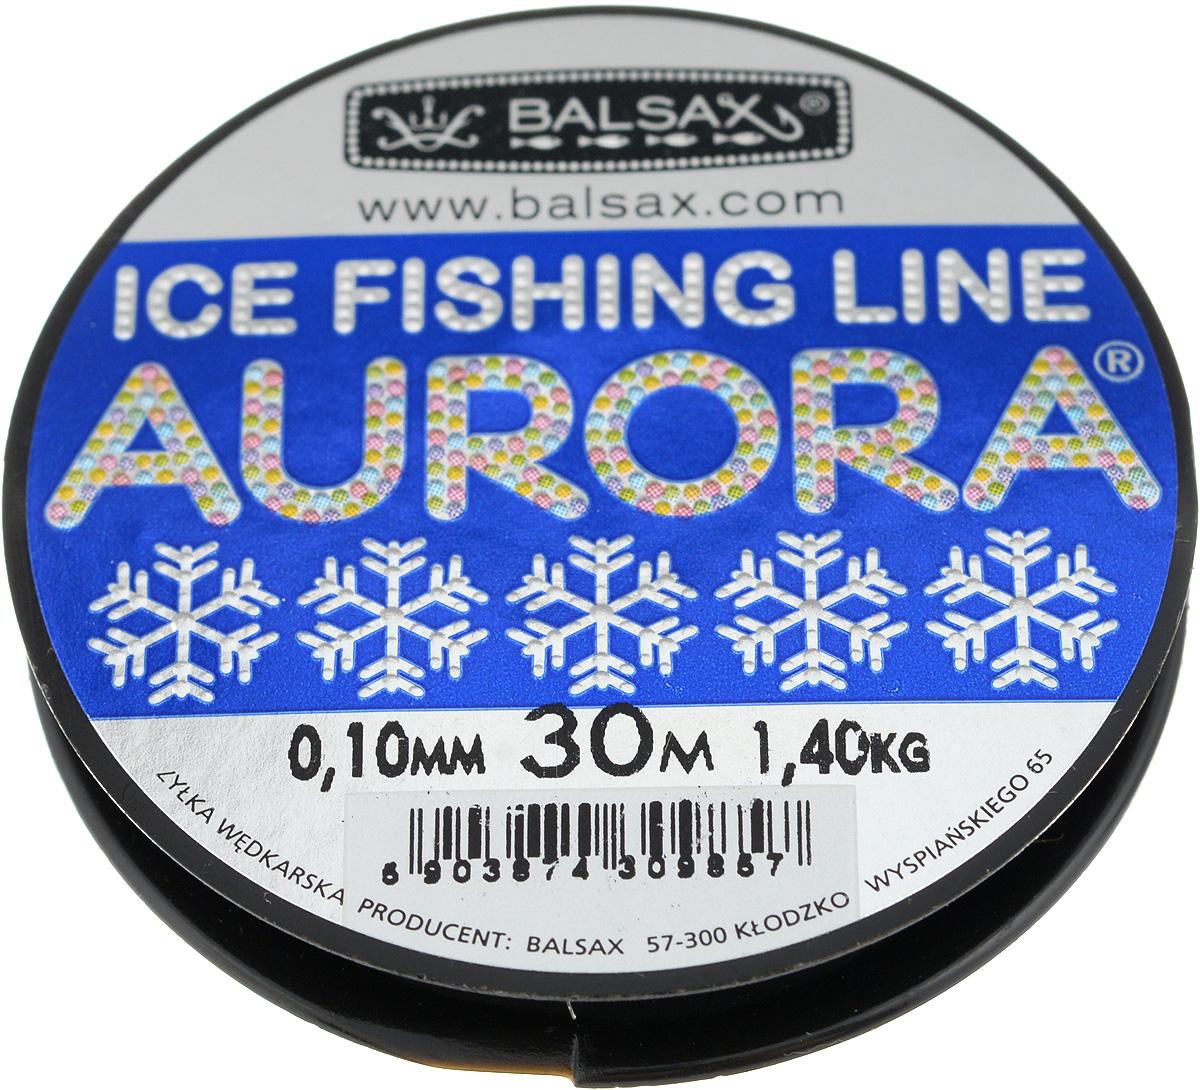 Леска зимняя Balsax Aurora, 30 м, 0,10 мм, 1,4 кг310-04010Леска Balsax Aurora изготовлена из 100% нейлона и очень хорошо выдерживает низкие температуры. Даже в самом холодном климате, при температуре вплоть до -40°C, она сохраняет свои свойства практически без изменений, в то время как традиционные лески становятся менее эластичными и теряют прочность. Поверхность лески обработана таким образом, что она не обмерзает и отлично подходит для подледного лова. Прочна в местах вязки узлов даже при минимальном диаметре.